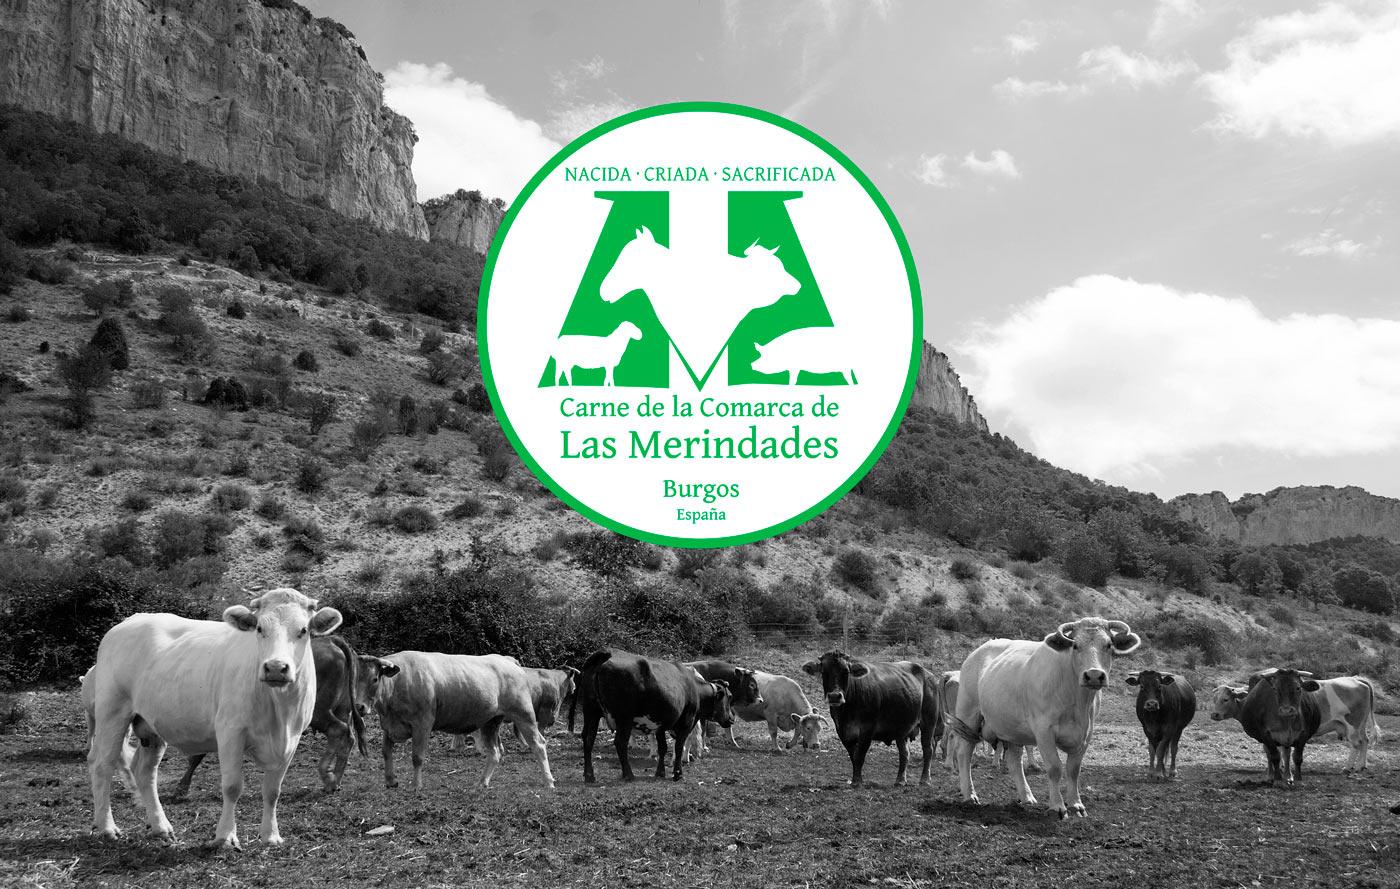 Carne de la Comarca de Las Merindades